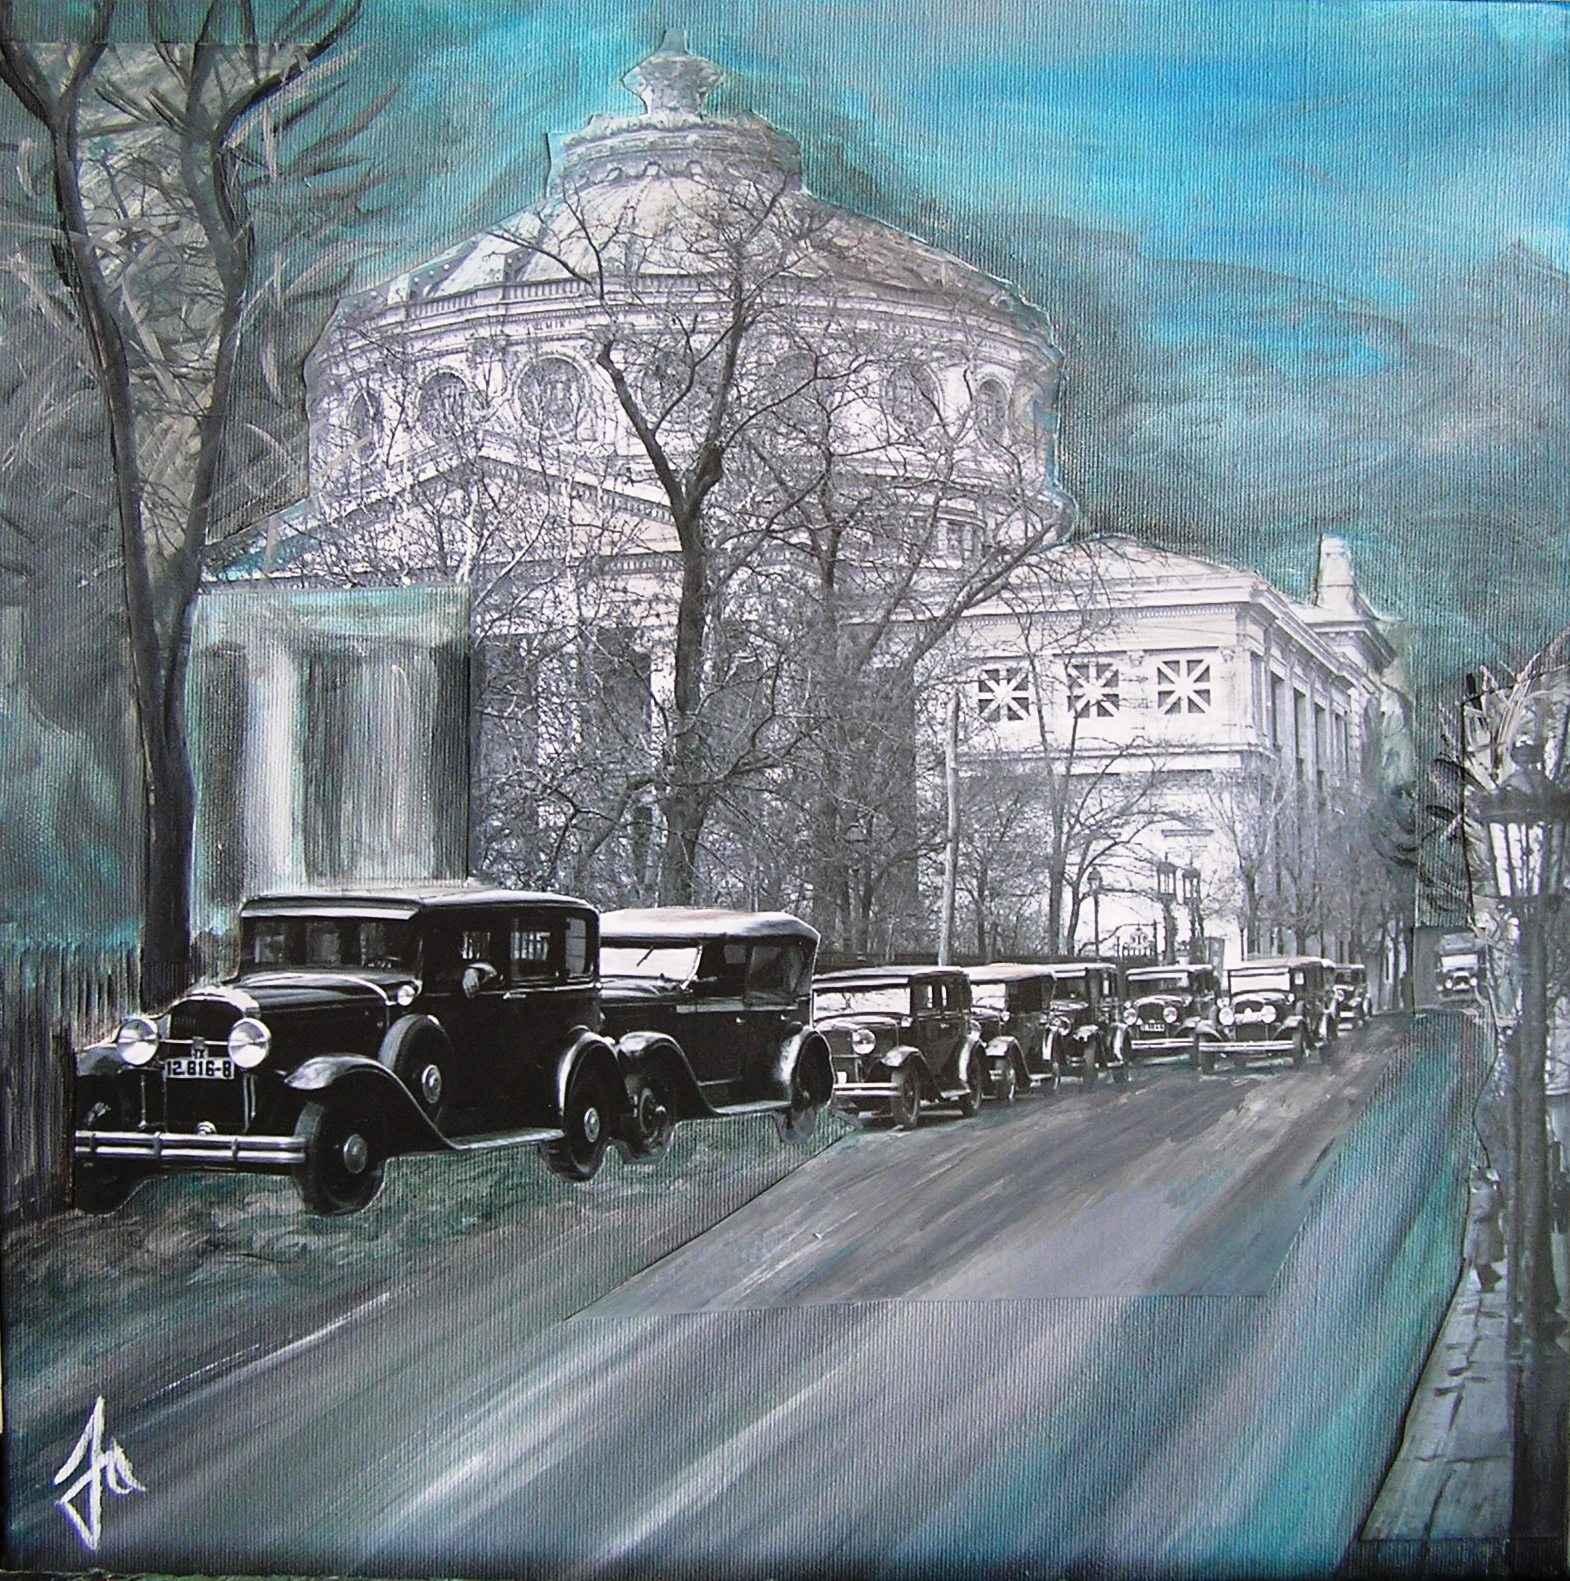 Bucharest Fragrance N... by Mme Ioana JITARU - Masterpiece Online